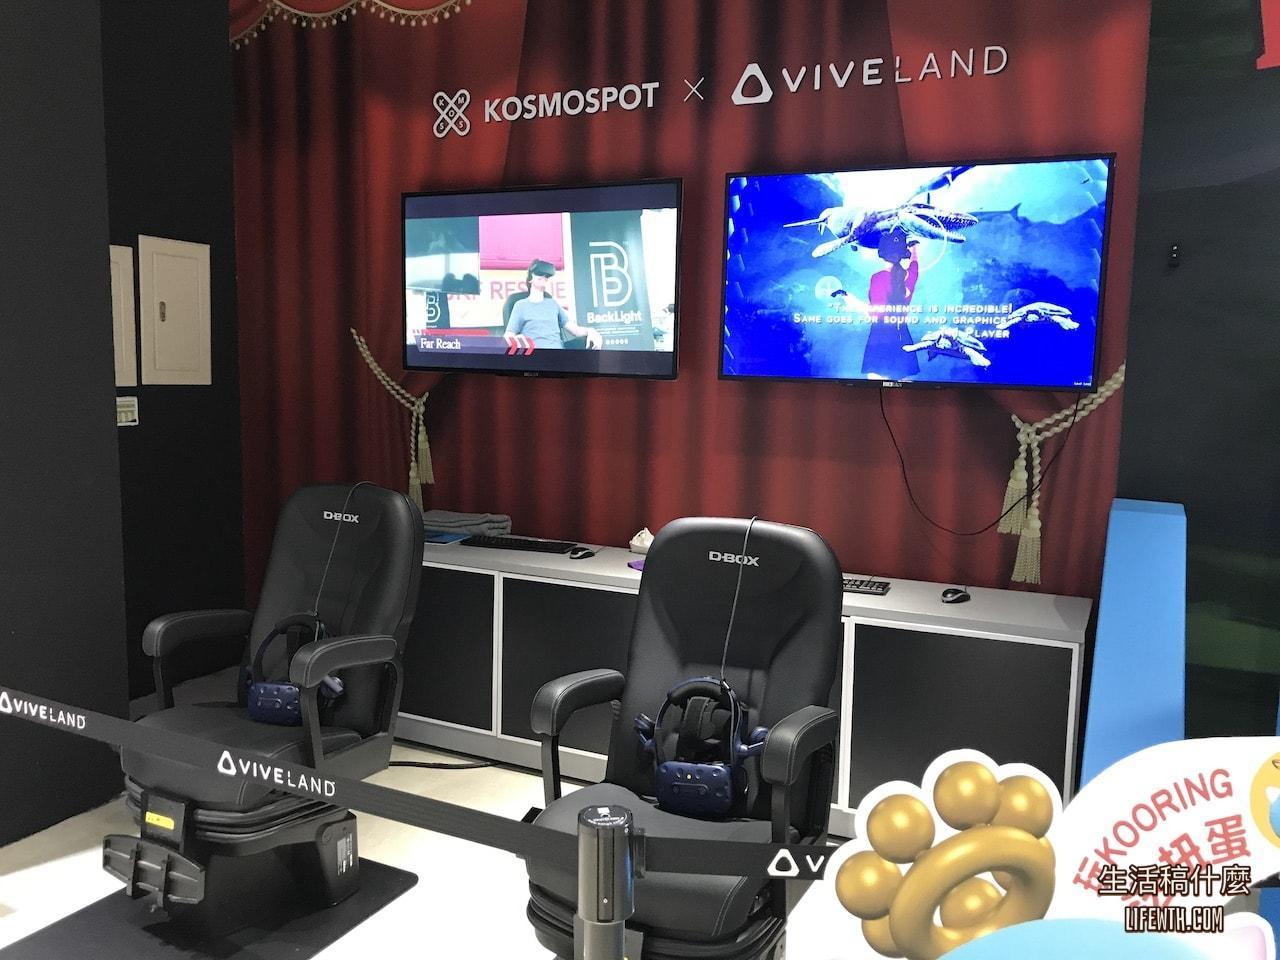 高雄大魯閣草衙道VR viveland虛擬實境樂園/4D動態體感座椅